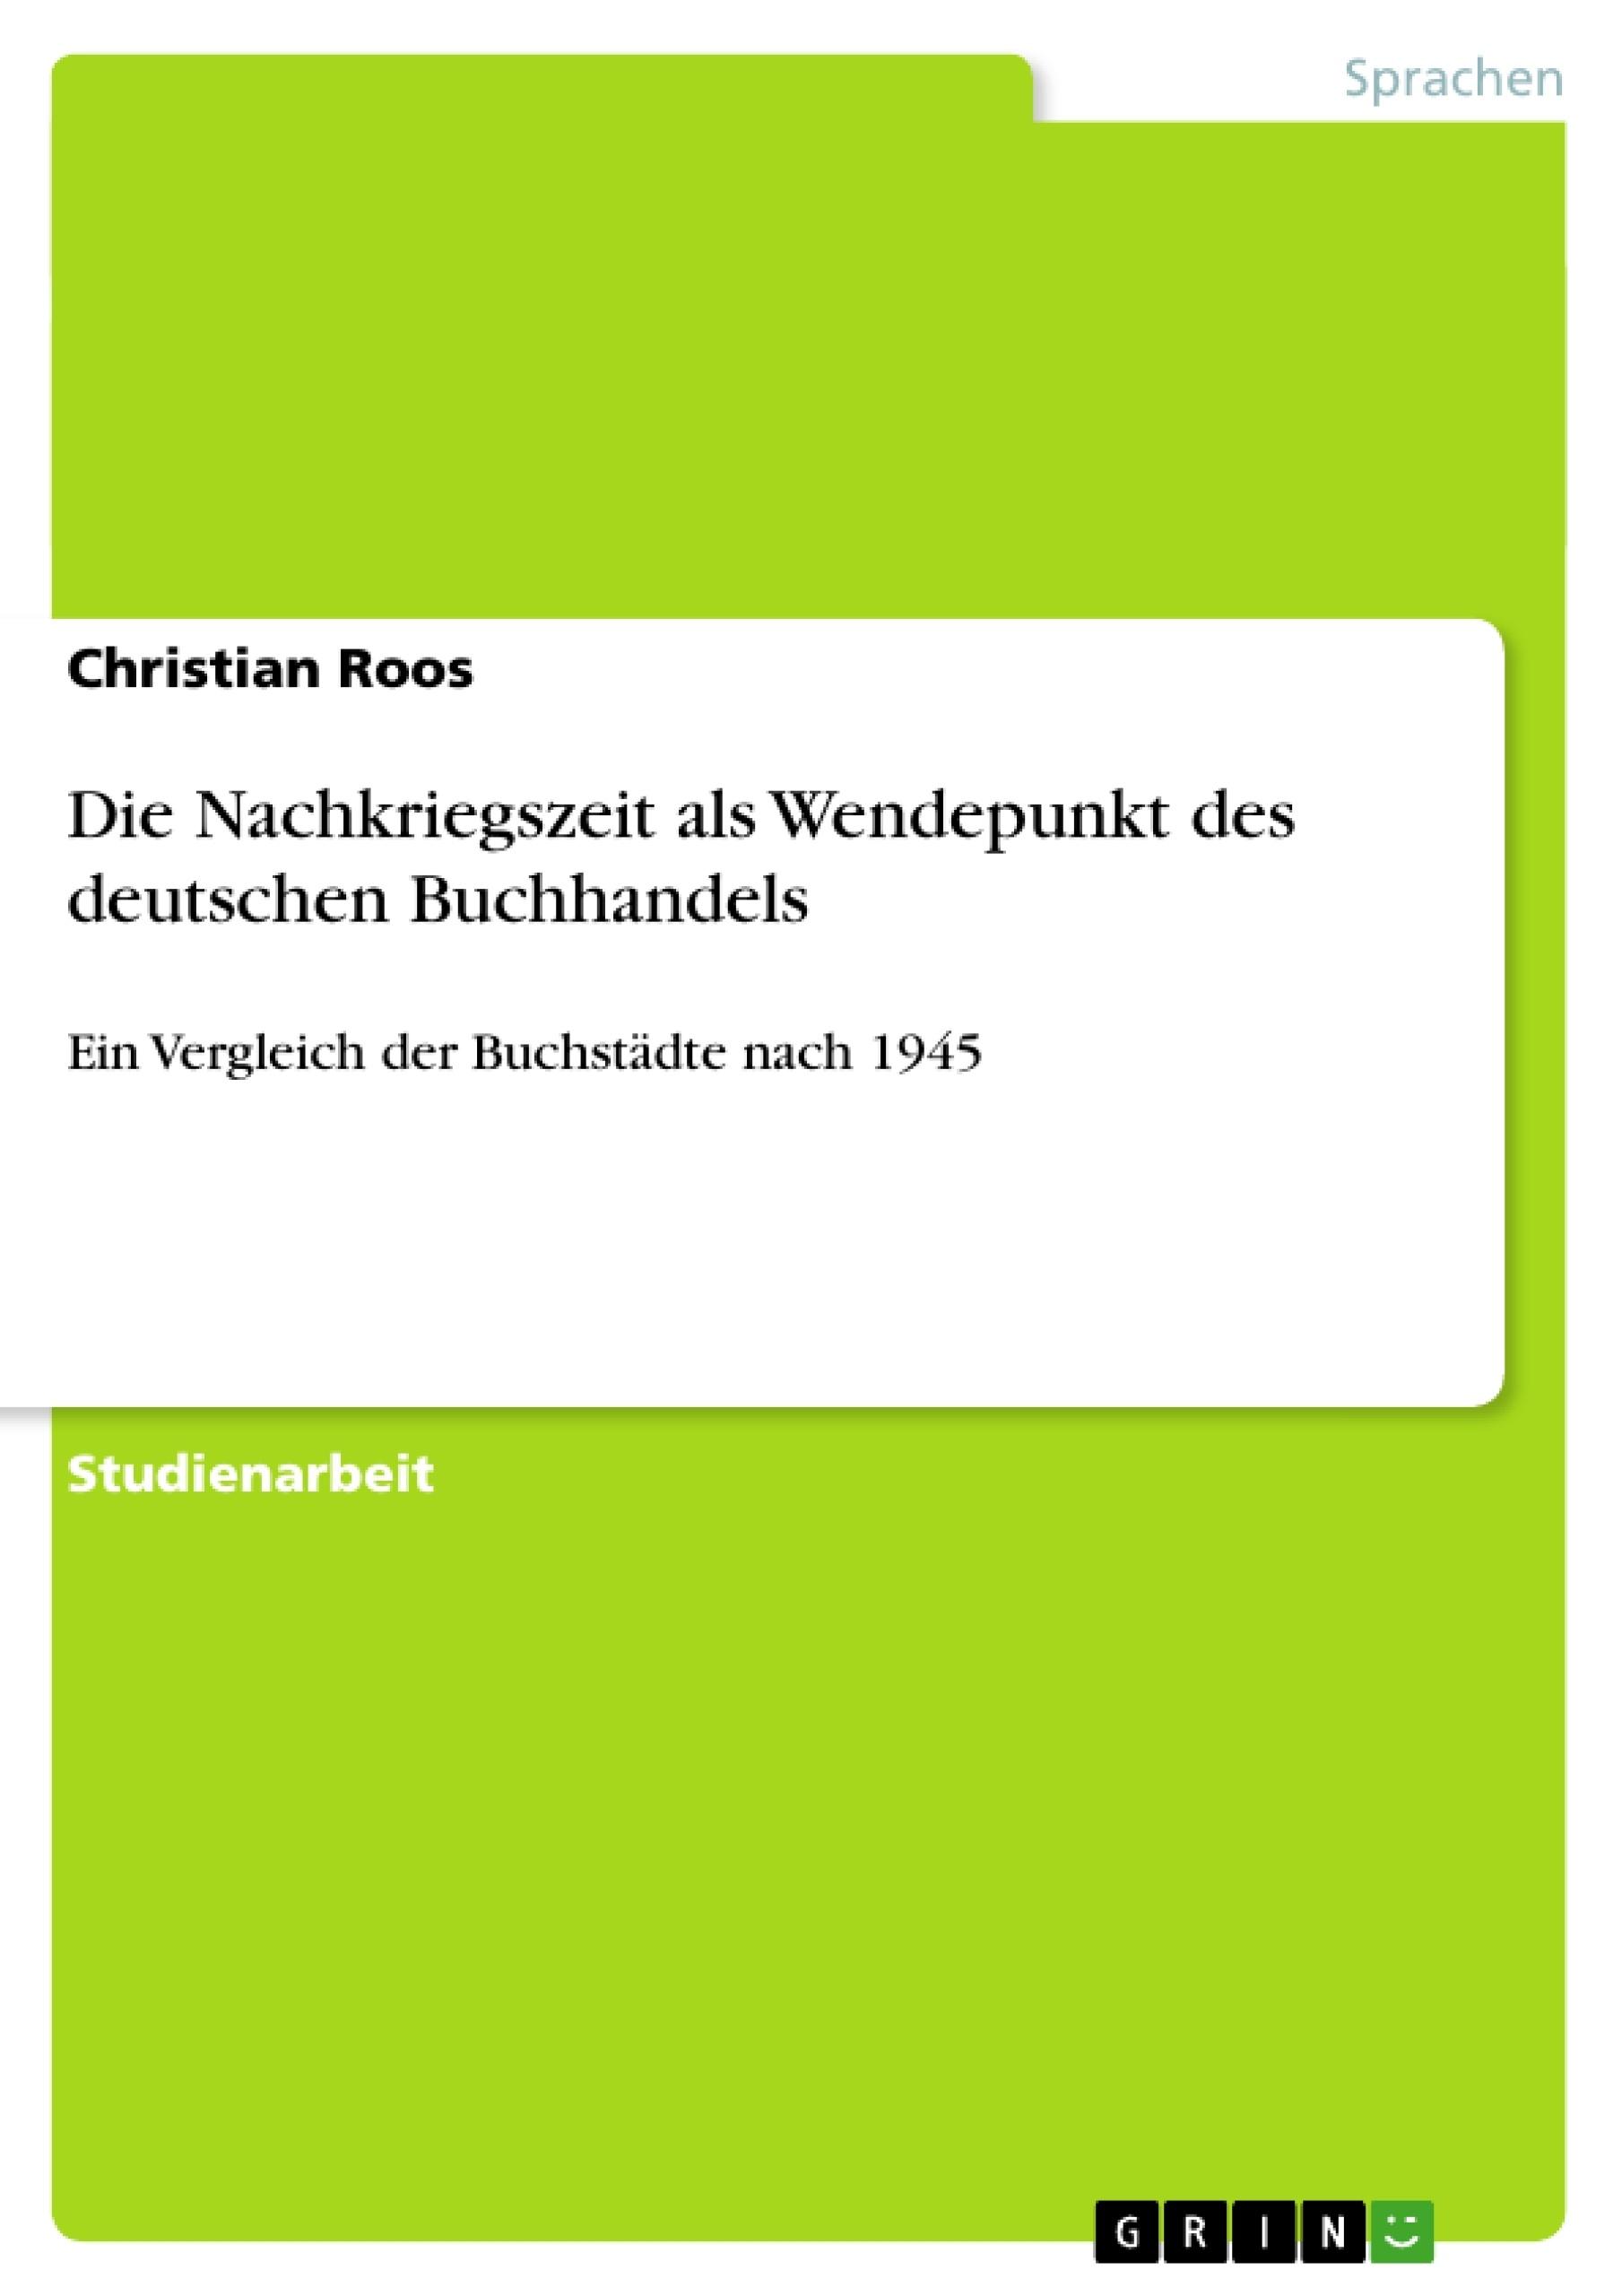 Titel: Die Nachkriegszeit als Wendepunkt des deutschen Buchhandels